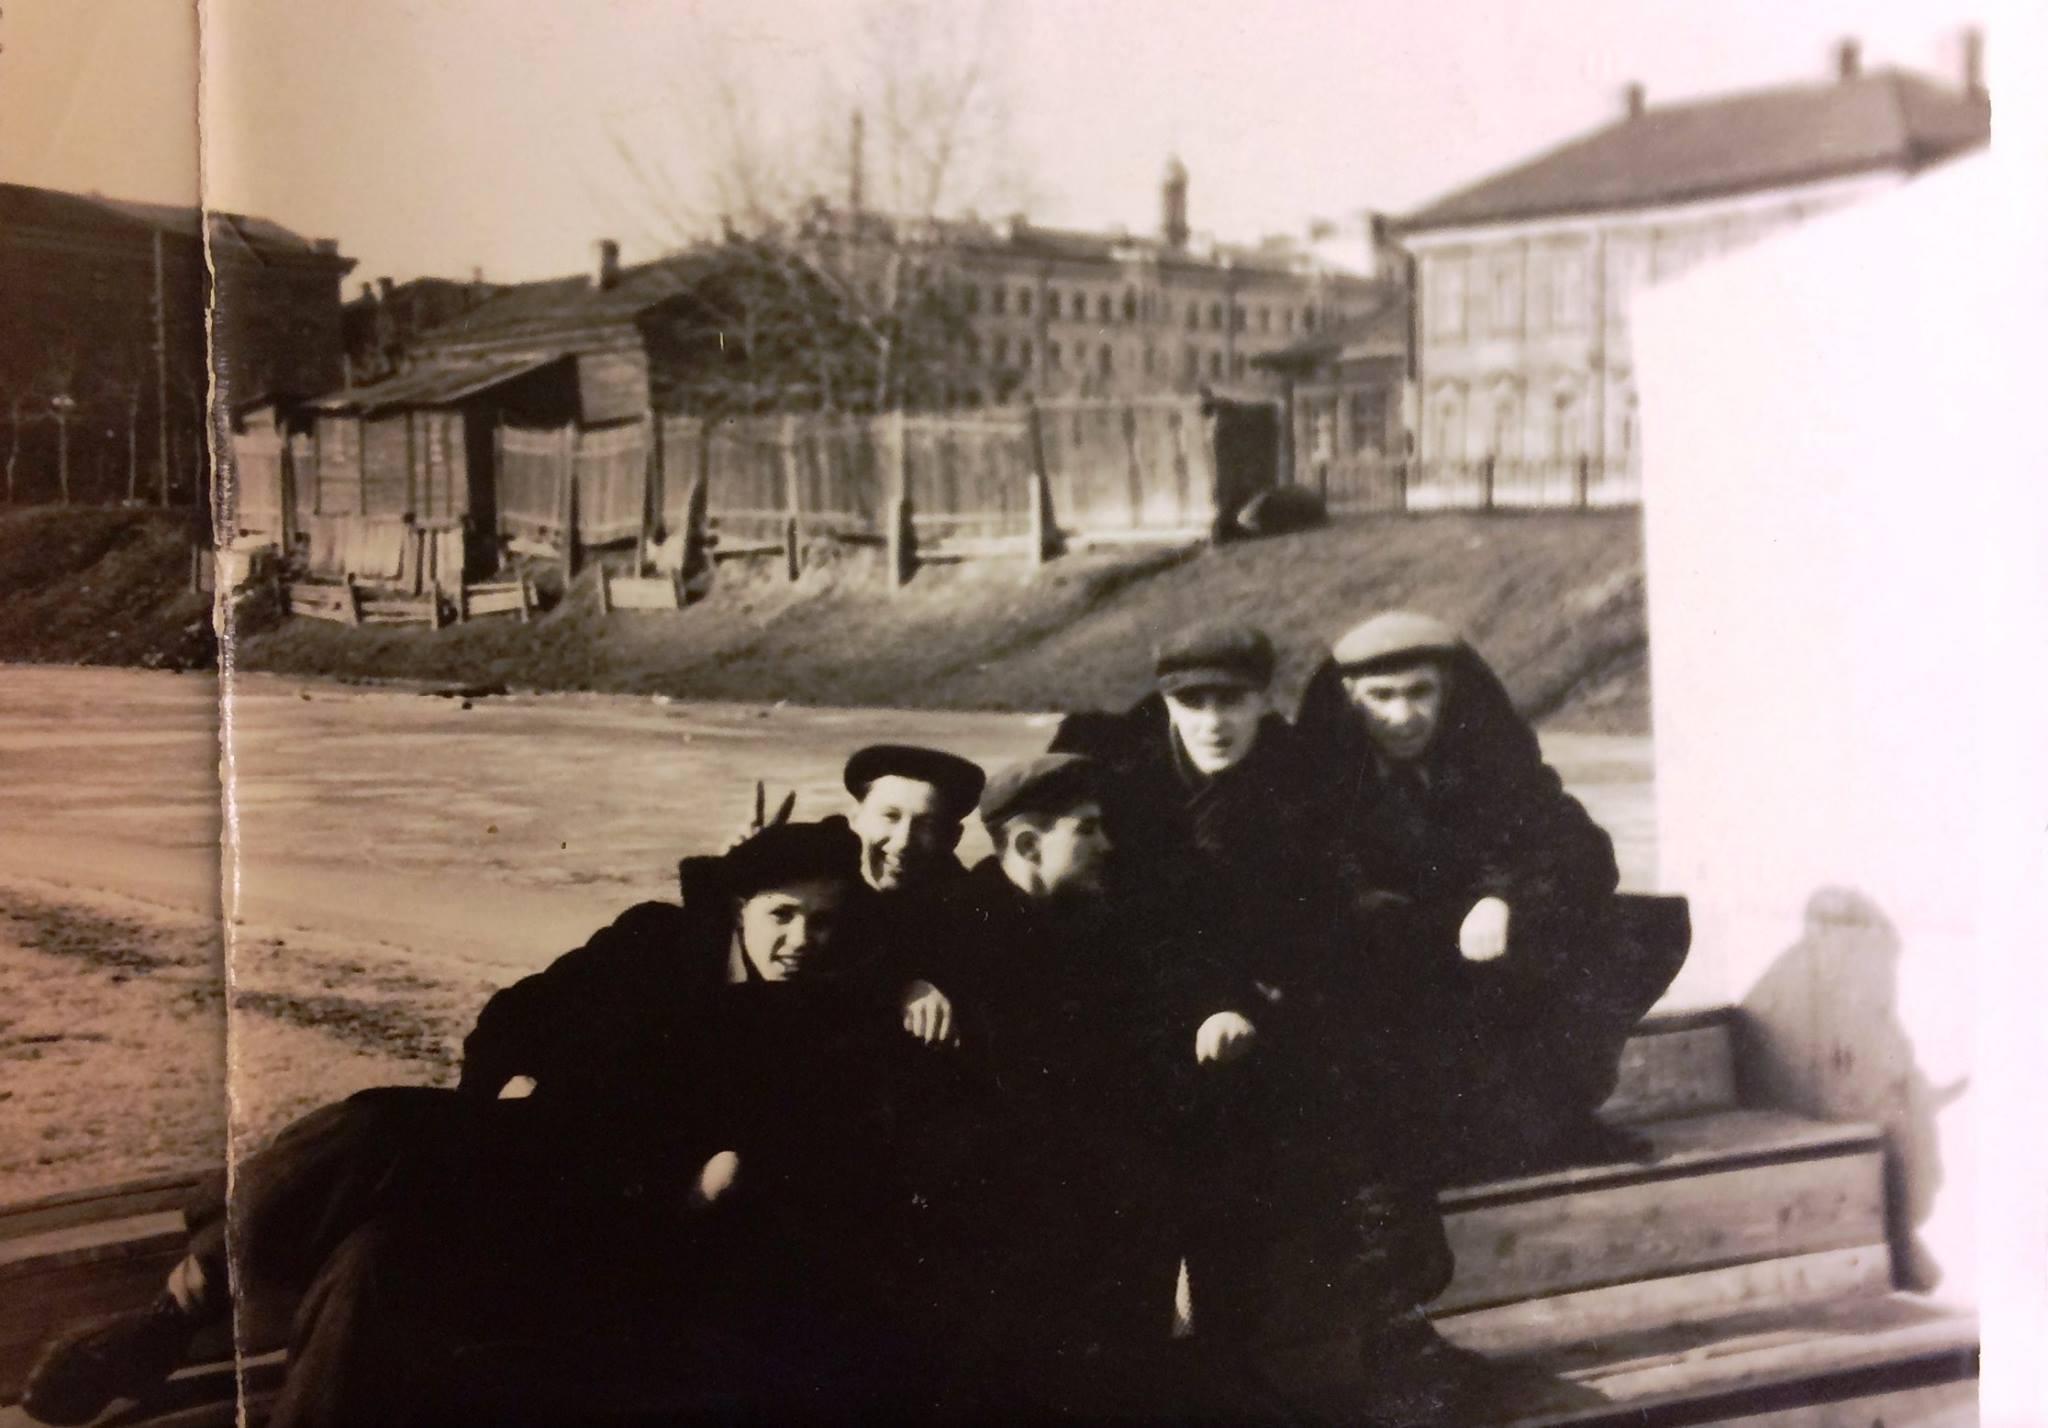 1954-1956. Озеро Кабан, лодочная станция Спартак. Второй справа Гатаев Валерий Закирович - народный артист РСФСР